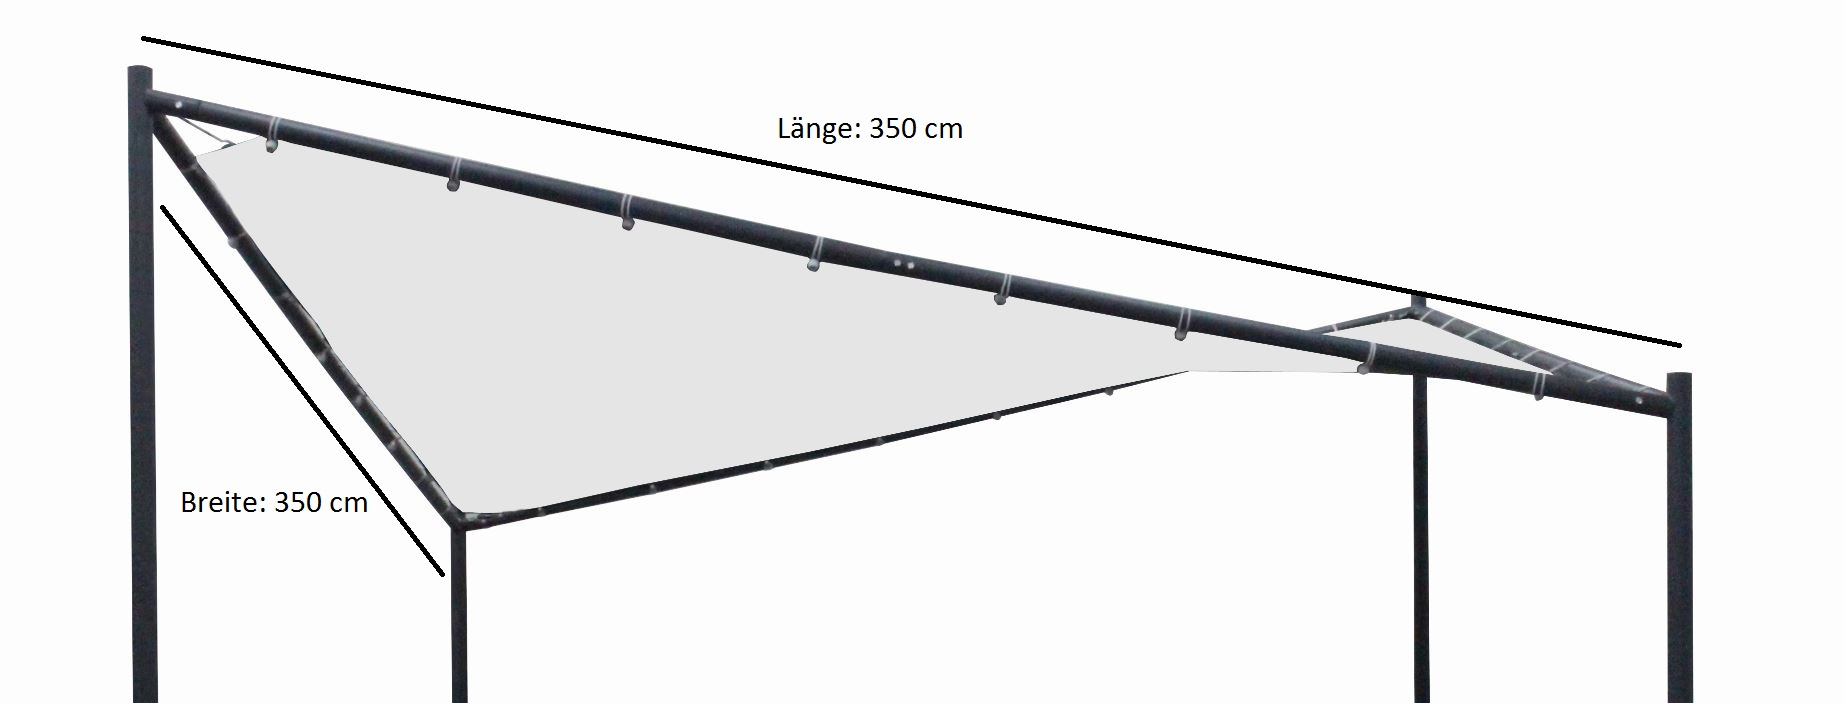 Ersatzdach für Walmdachpavillon ORLANDO 4-eckig, PVC beschichtet weiss